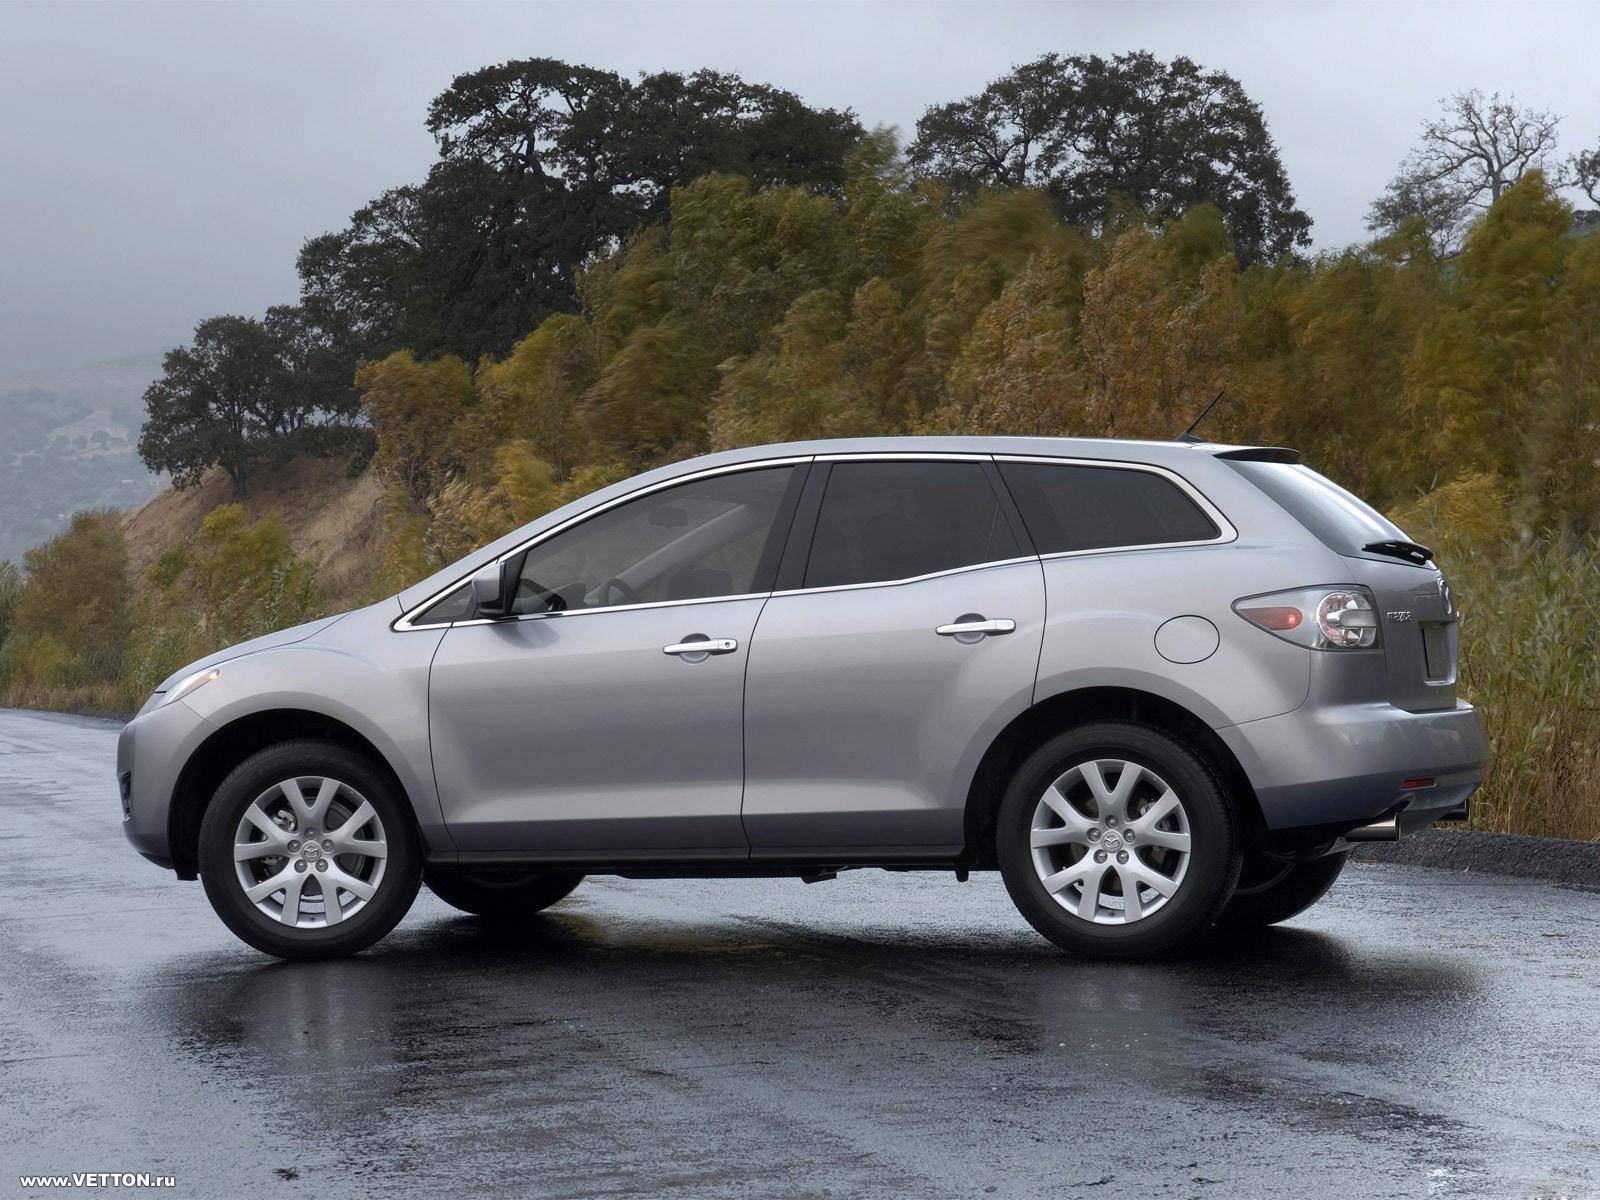 2007 Mazda CX-7 Images.